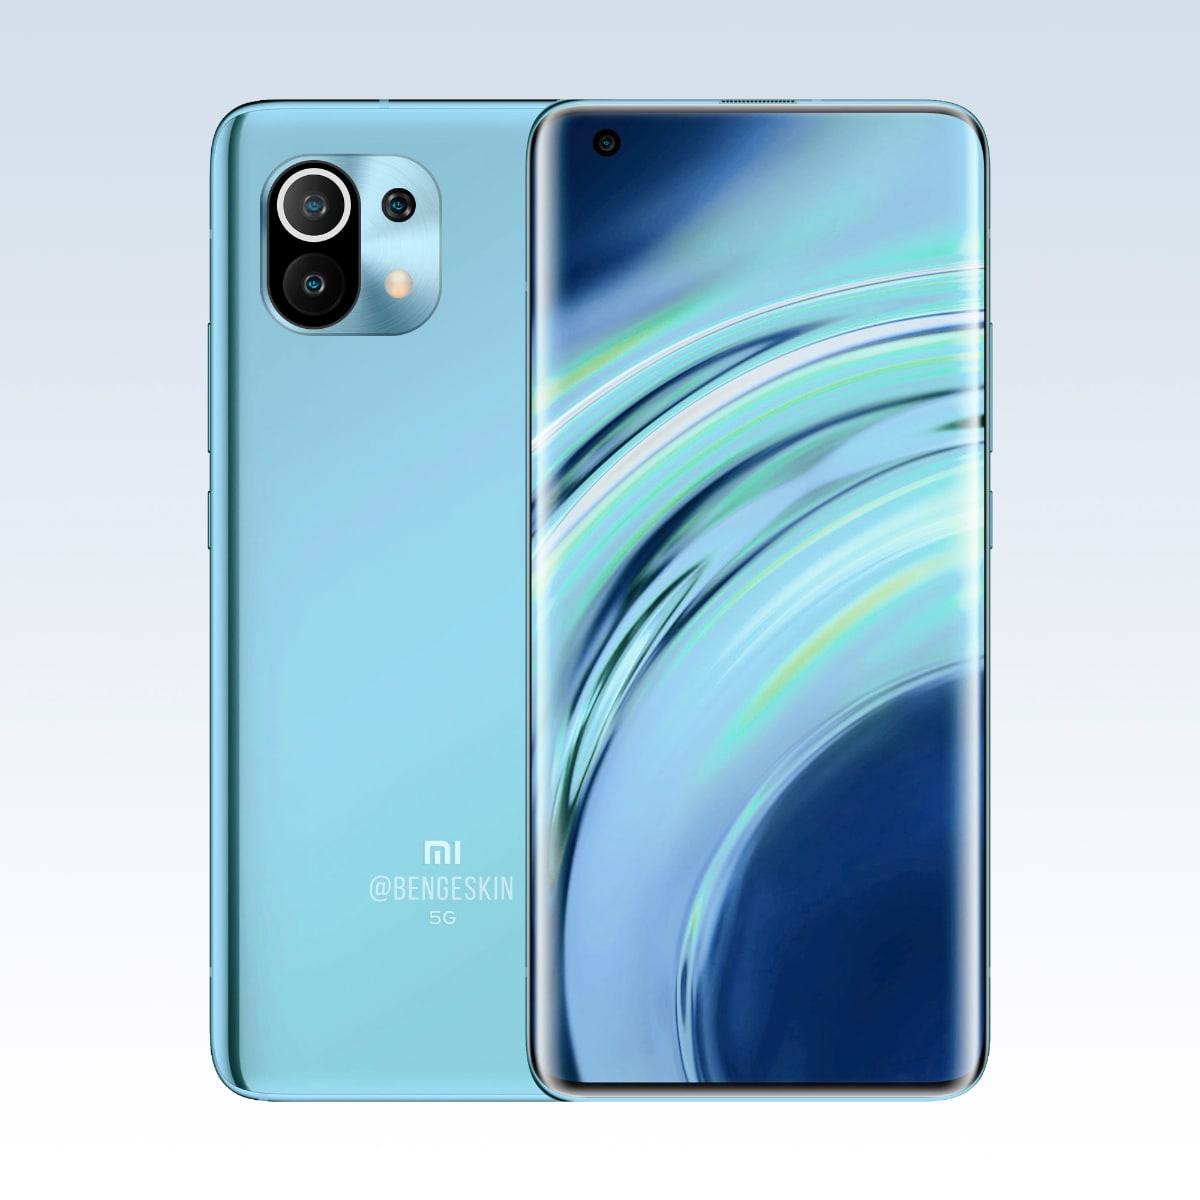 Qué podemos esperar de los Xiaomi Mi 11 y Mi 11 Pro?